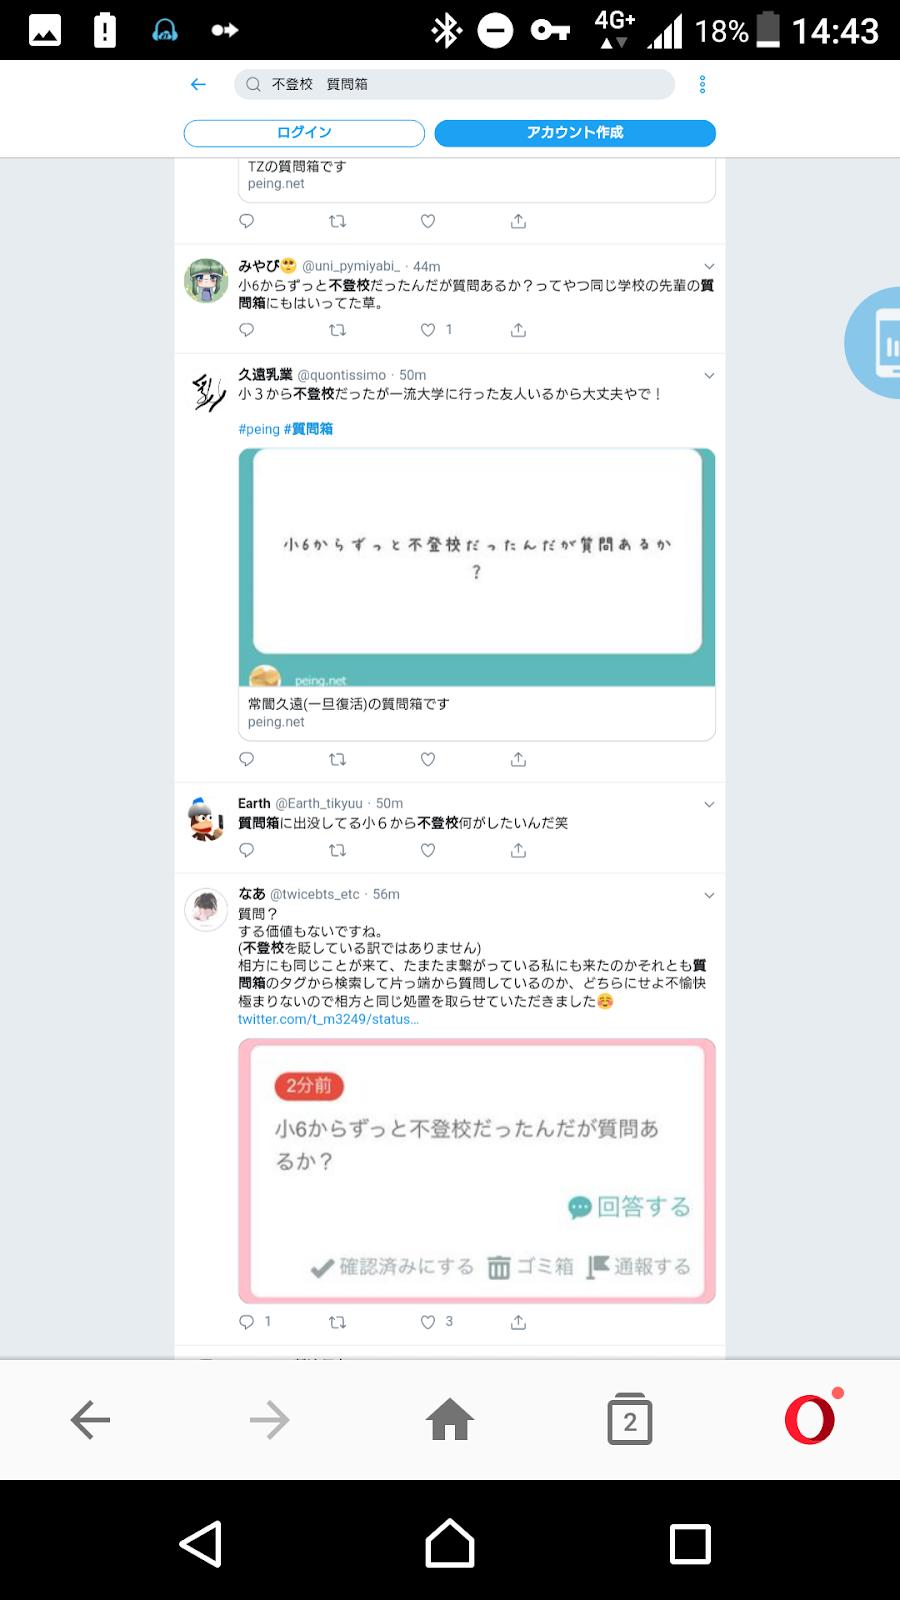 【悲報】小6不登校ニキさん、5chで相手にされずTwitterで暴れまわるwwww